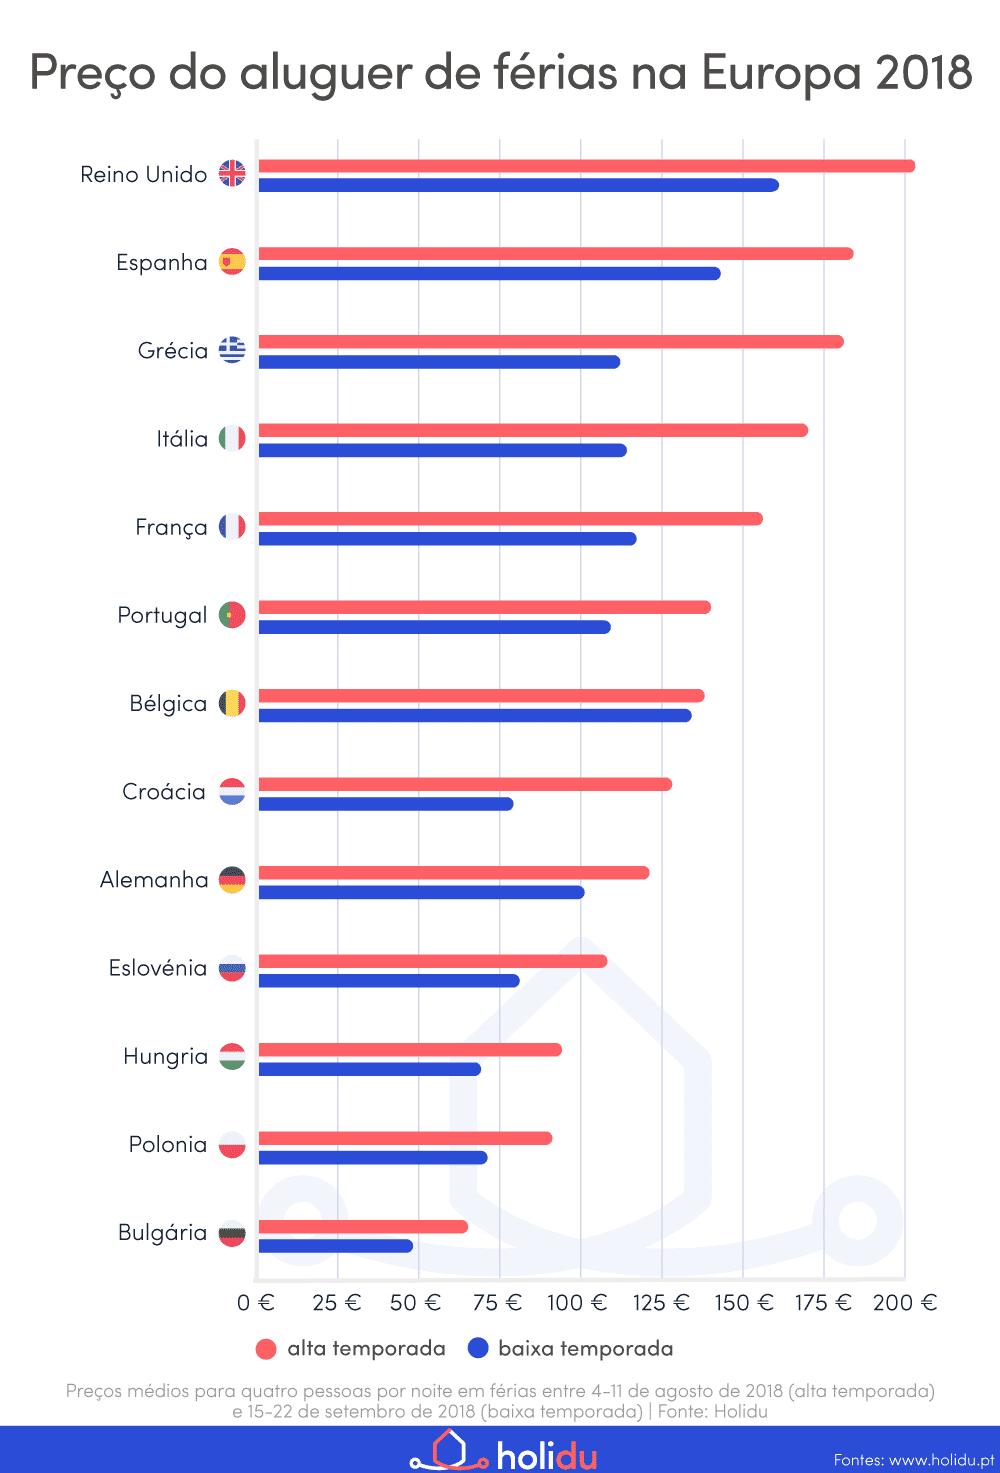 Preços das casas de férias na Europa